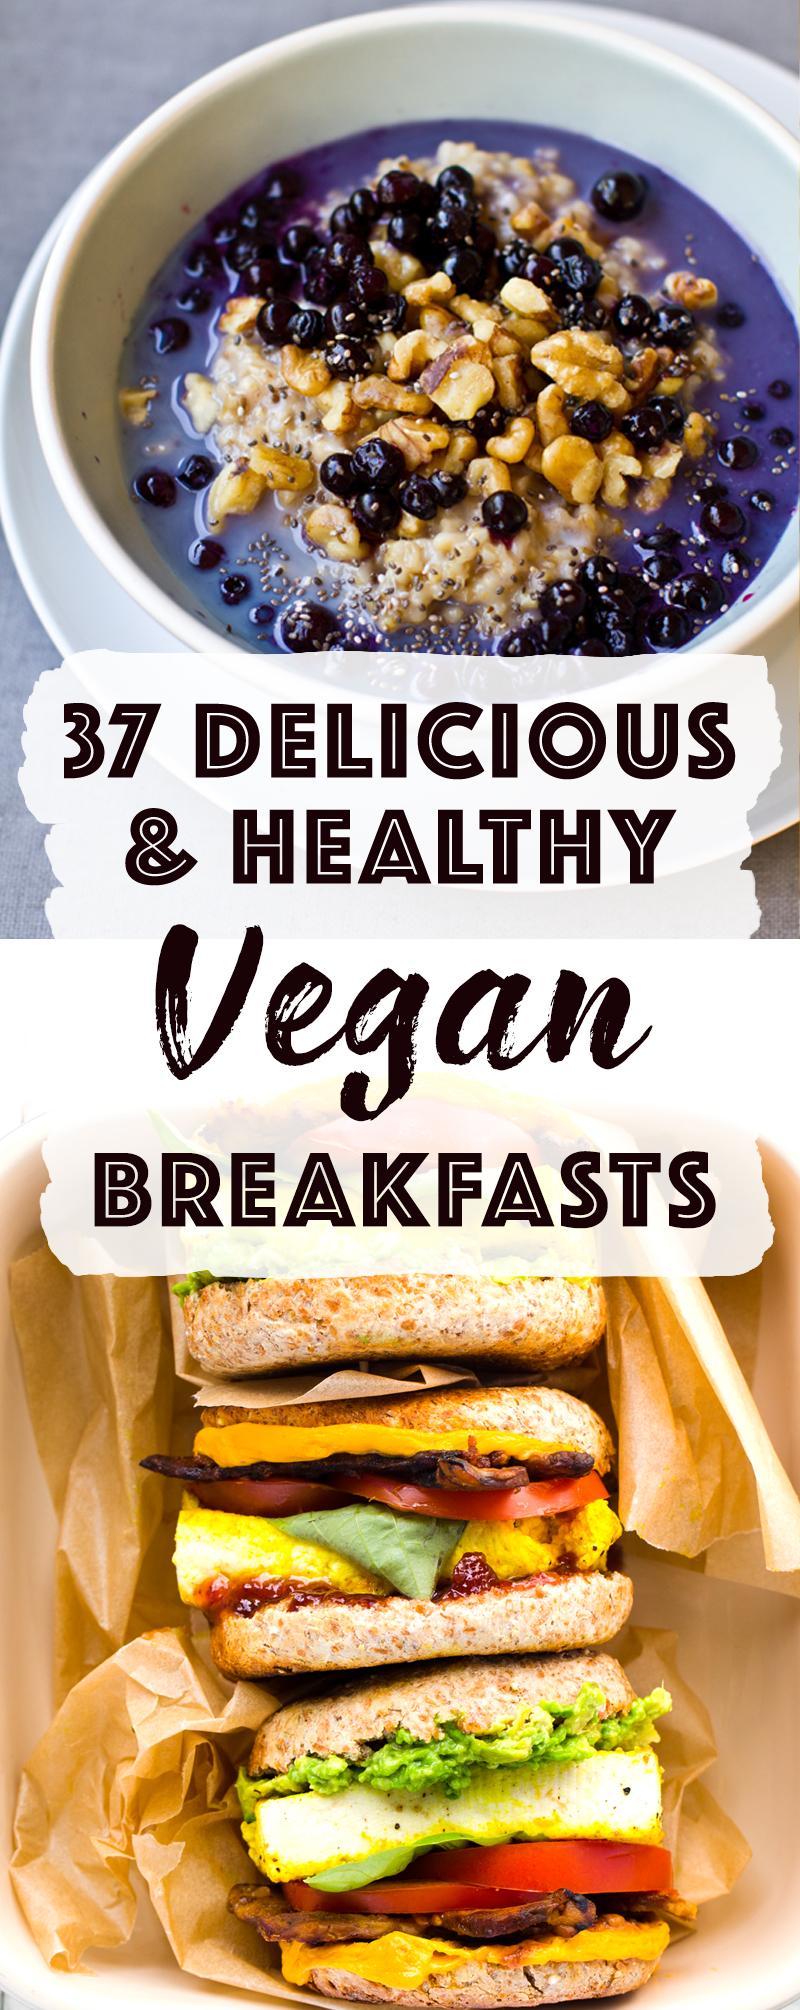 37 Vegan Breakfast Recipes